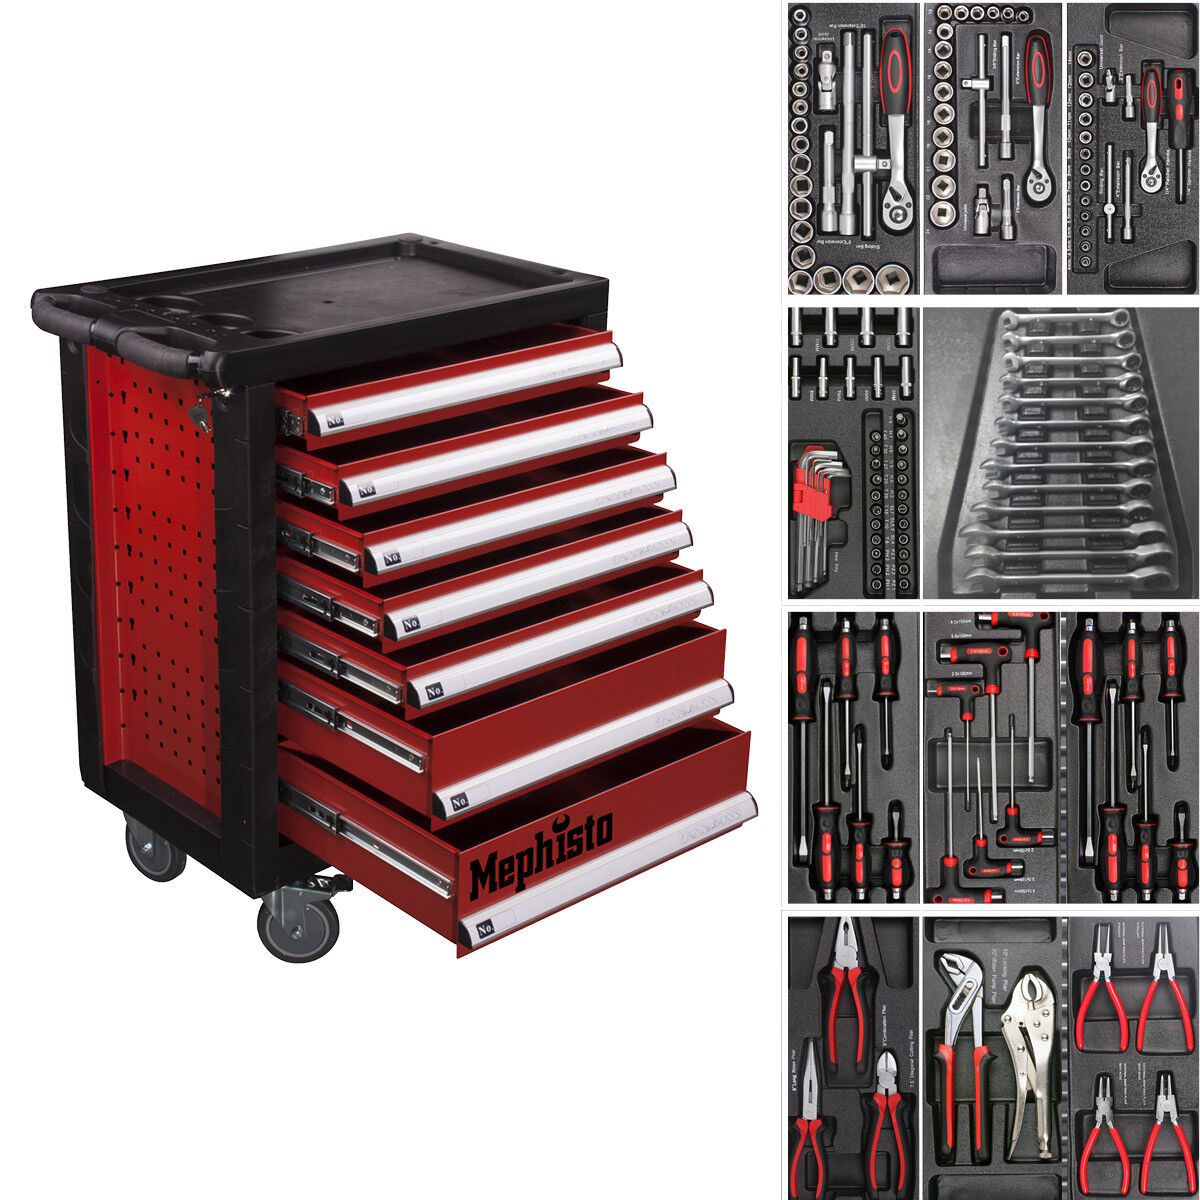 werkzeugwagen mit werkzeug test vergleich werkzeugwagen mit werkzeug g nstig kaufen. Black Bedroom Furniture Sets. Home Design Ideas